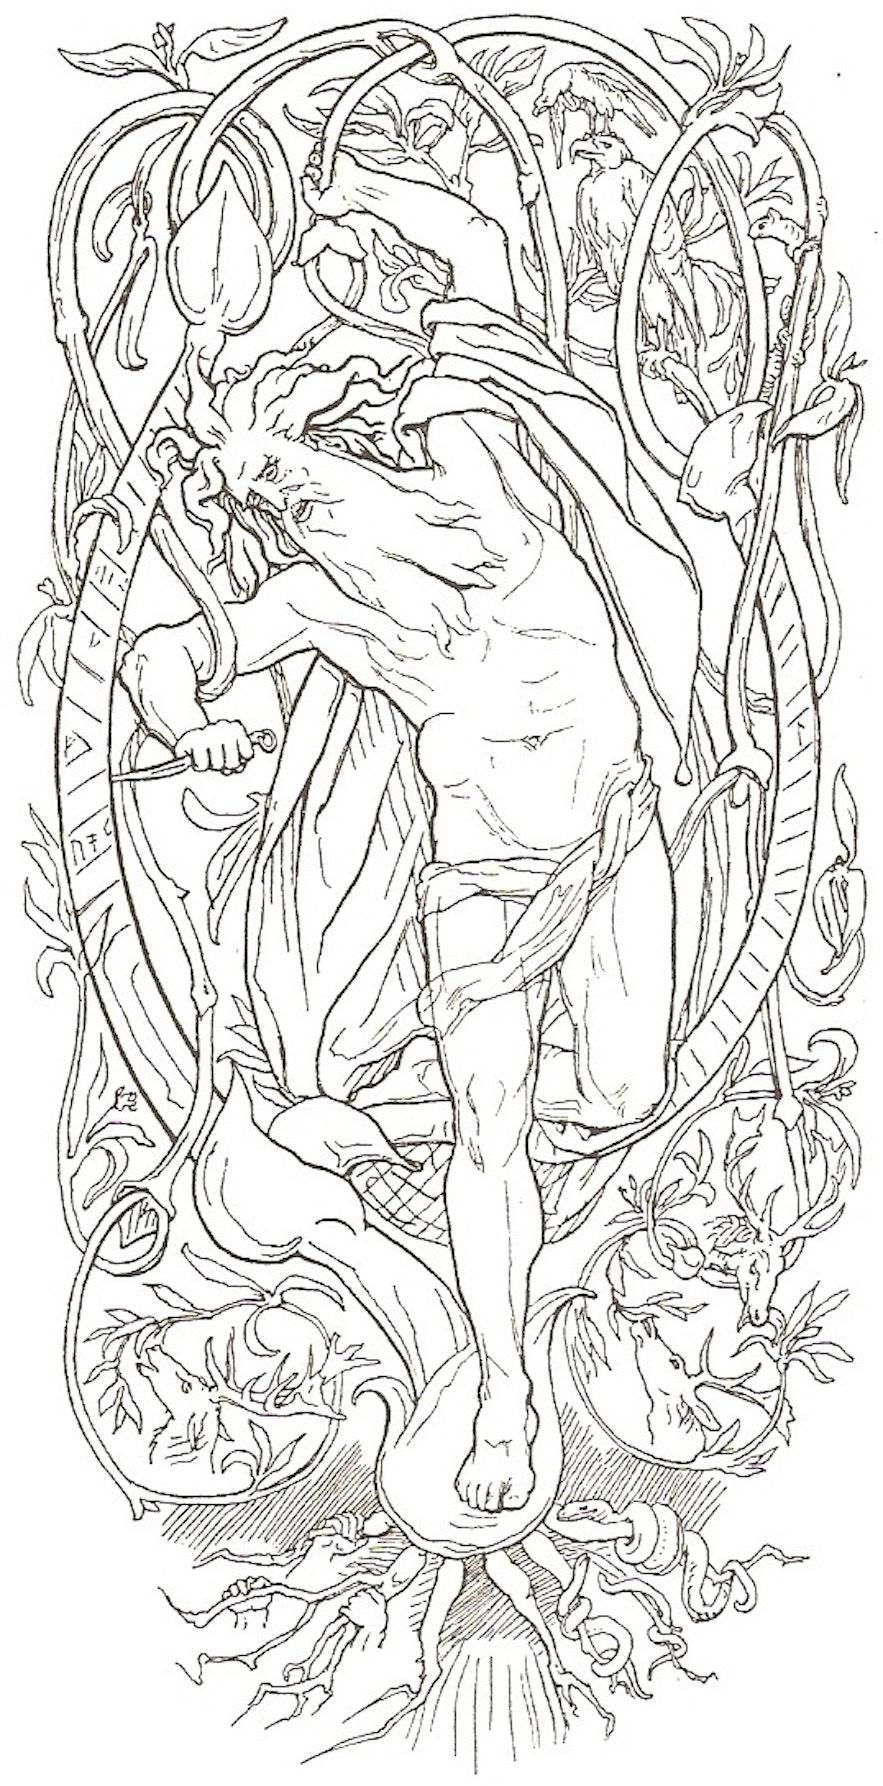 Odinn sacrificing himself on Yggdrasil.